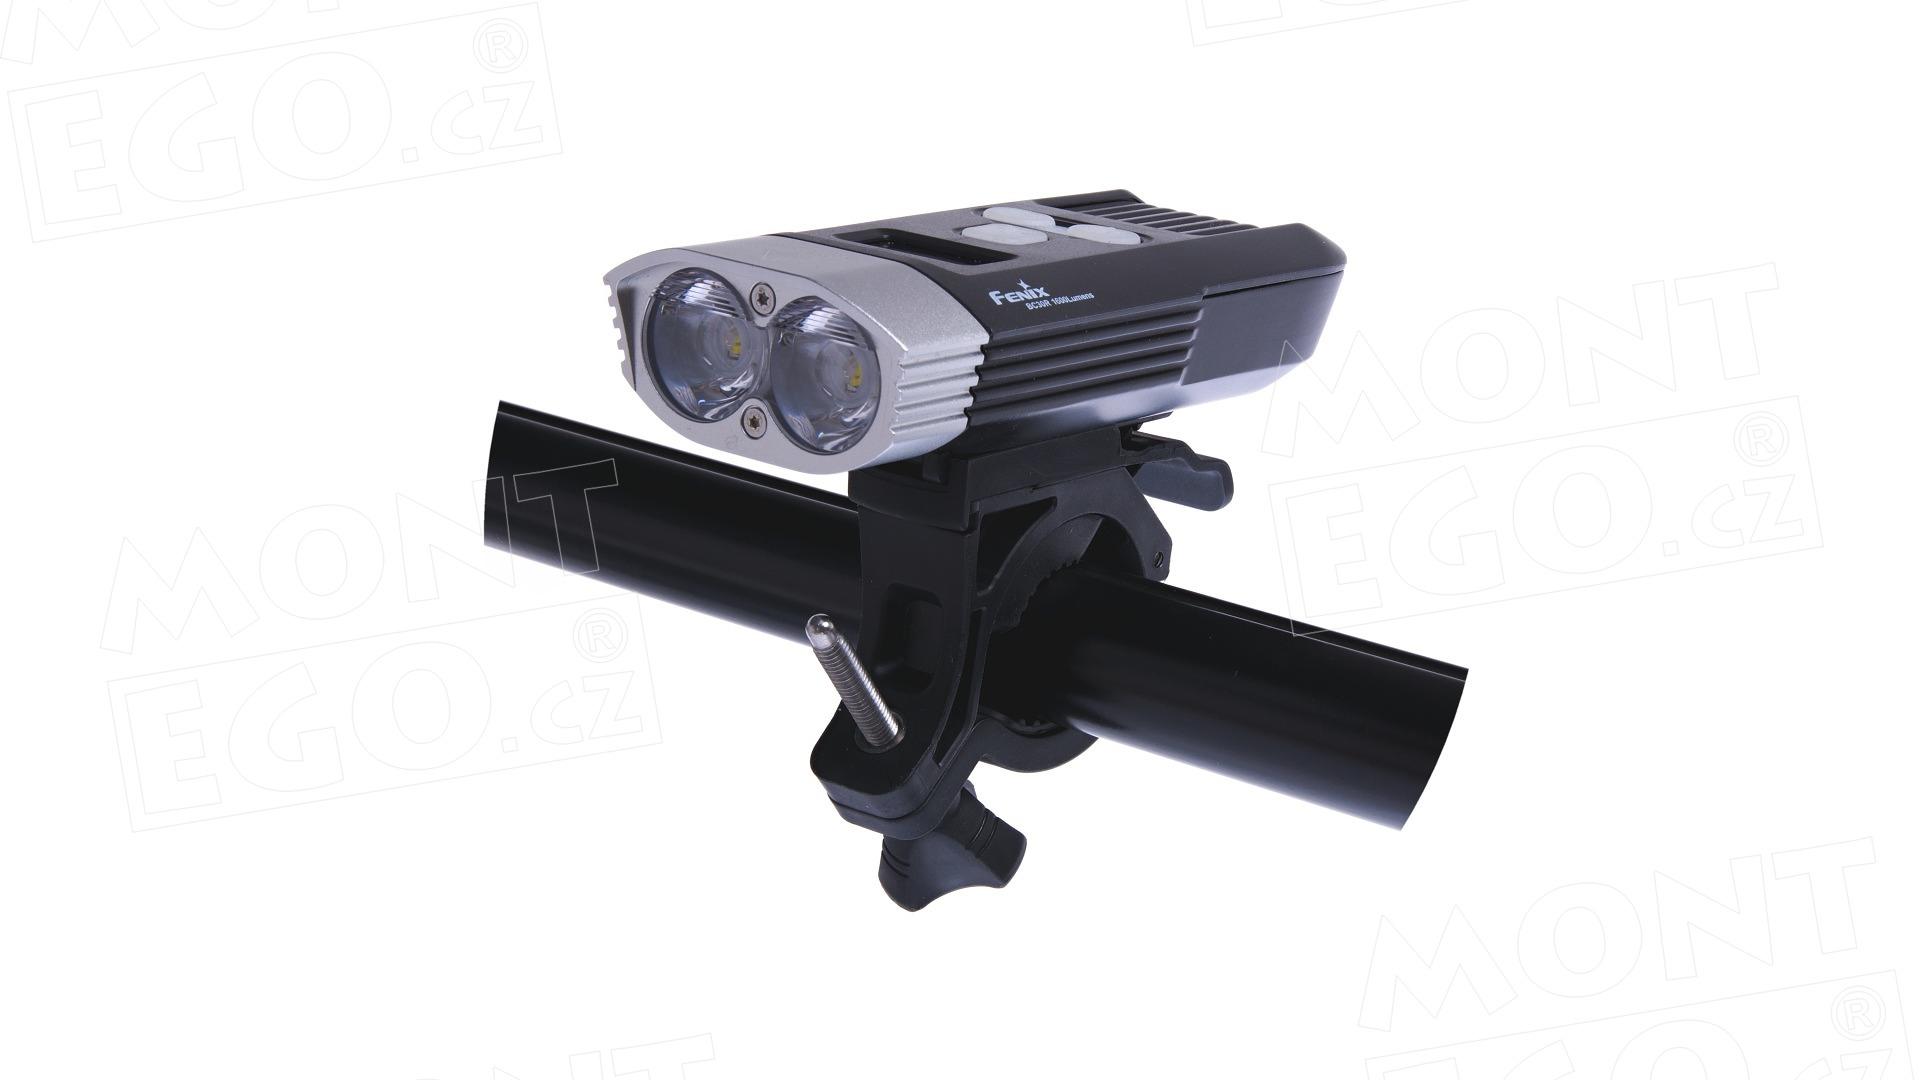 Fenix BC30R, nabíjecí svítilna na kolo s 1600 lumeny